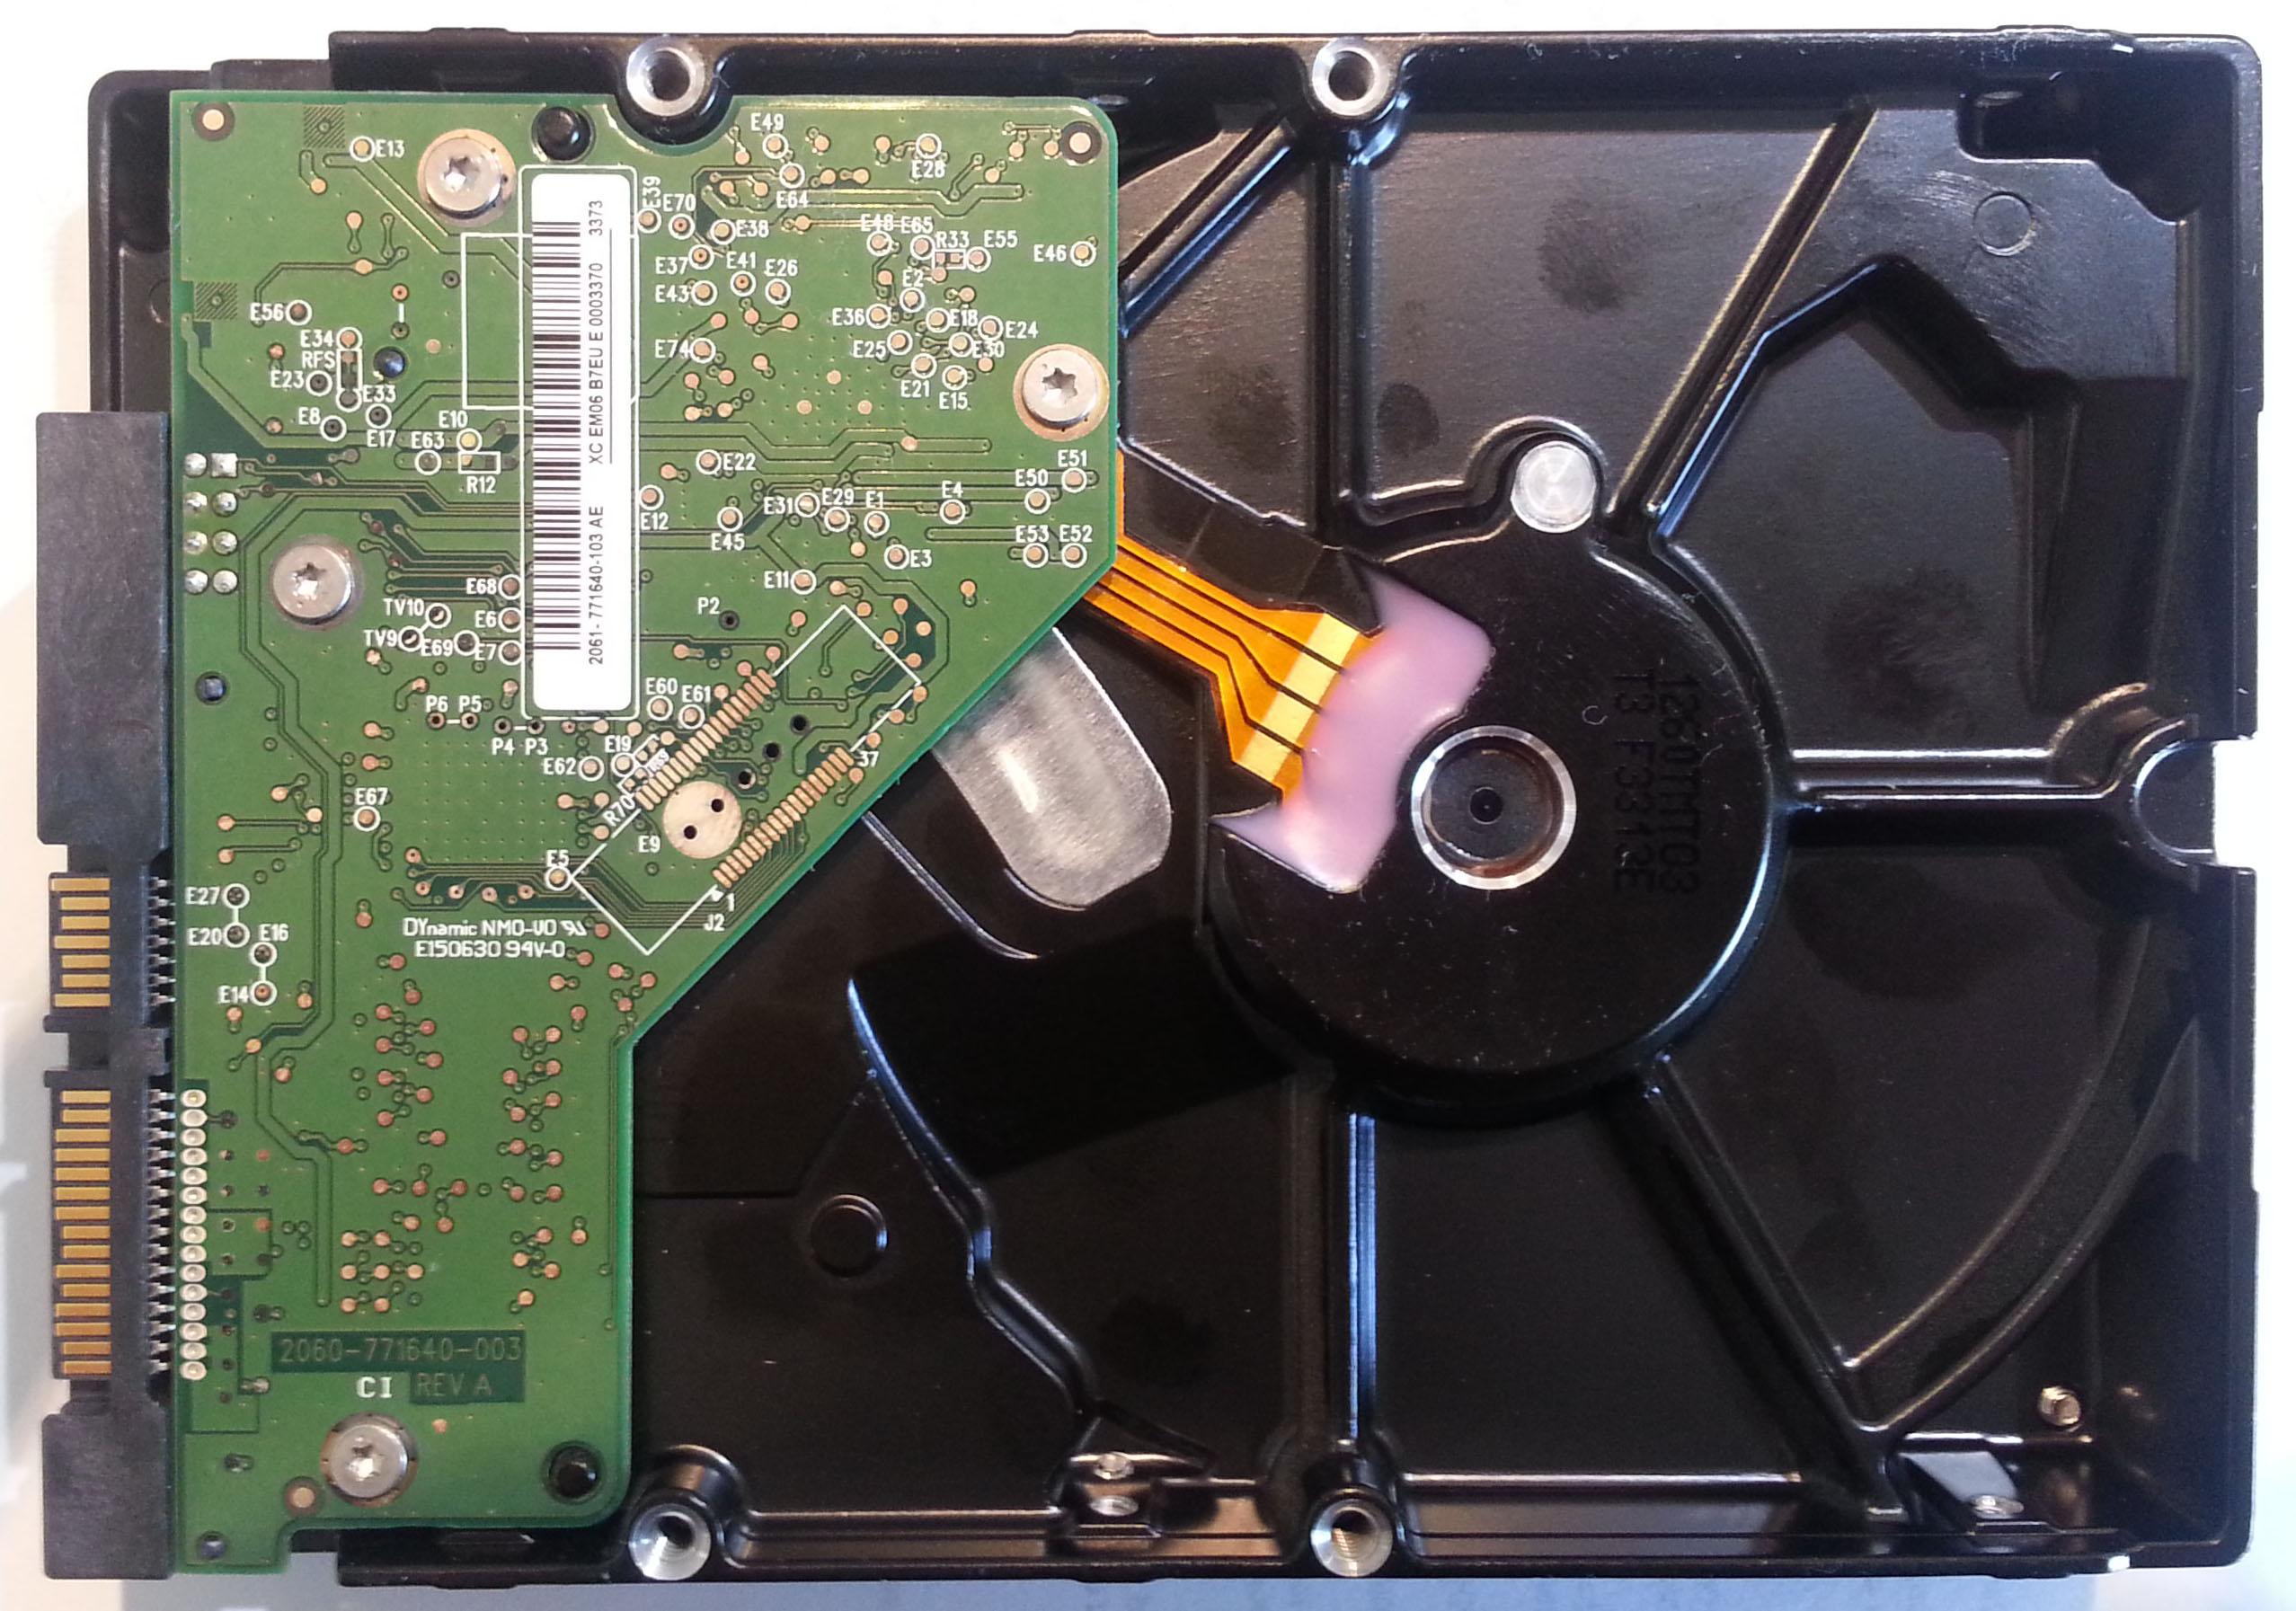 Wd5000aakx-75u6aa0-19-01h19-wcc2e0480076-firmware.